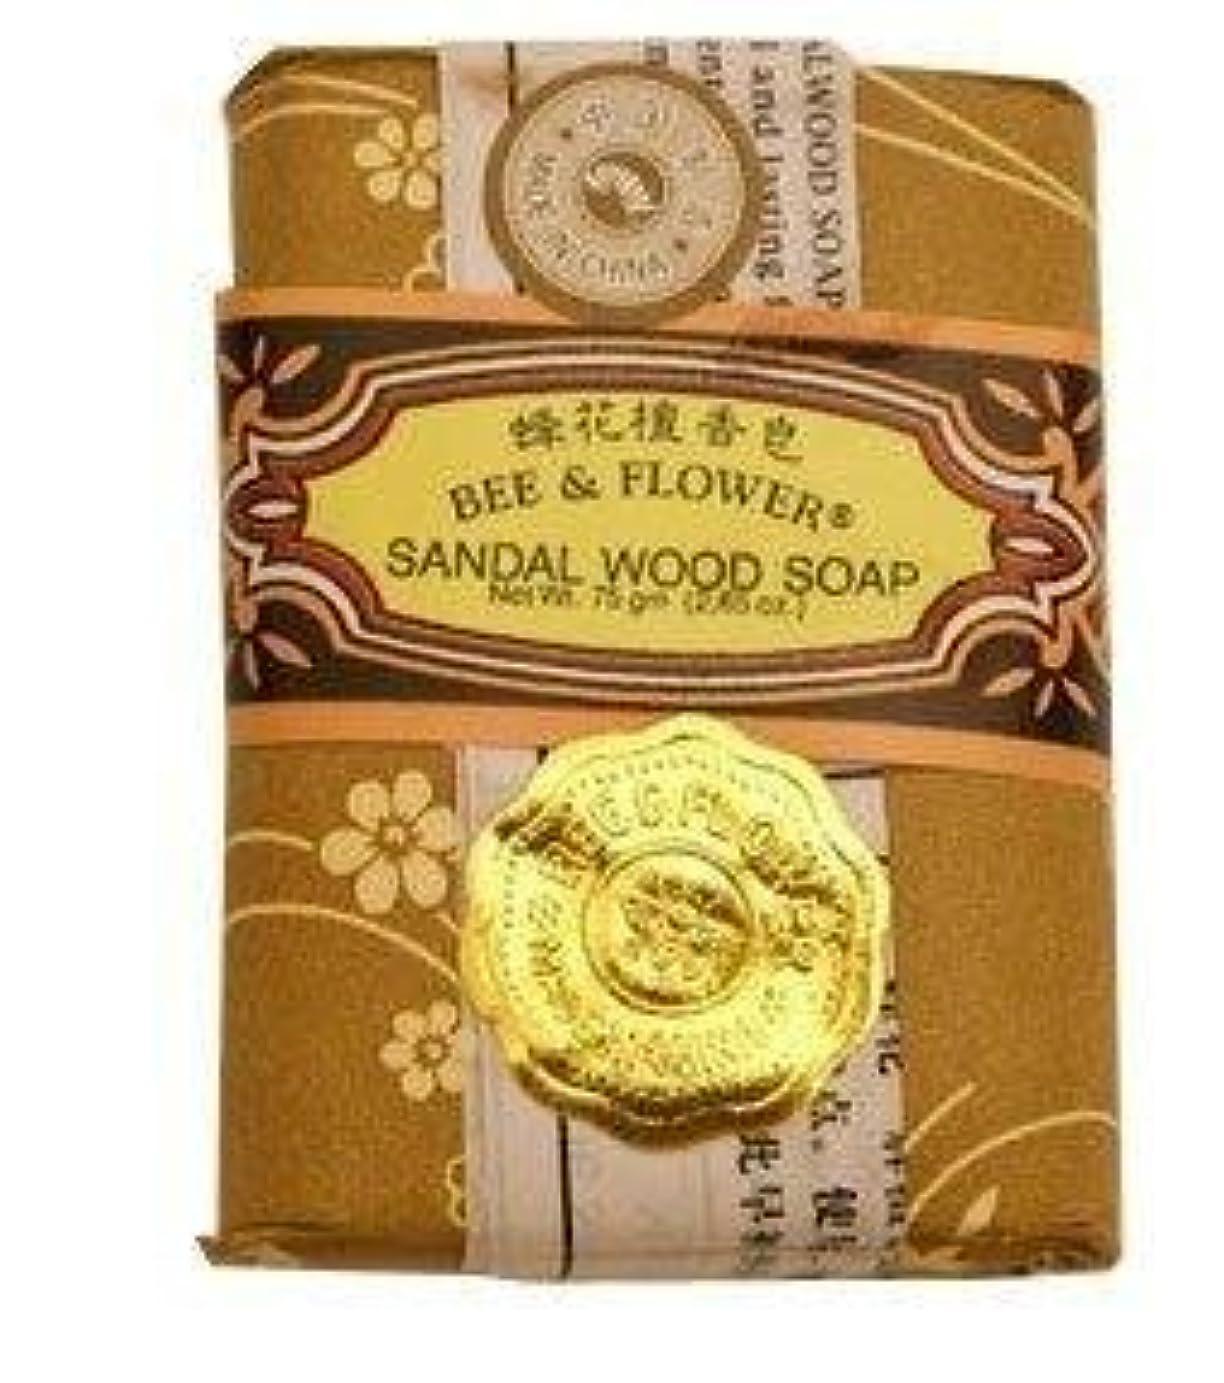 日の出方向つまずくBee And Flower Sandal Wood Bar Soap 2.65 Ounce - 12 per case. [並行輸入品]